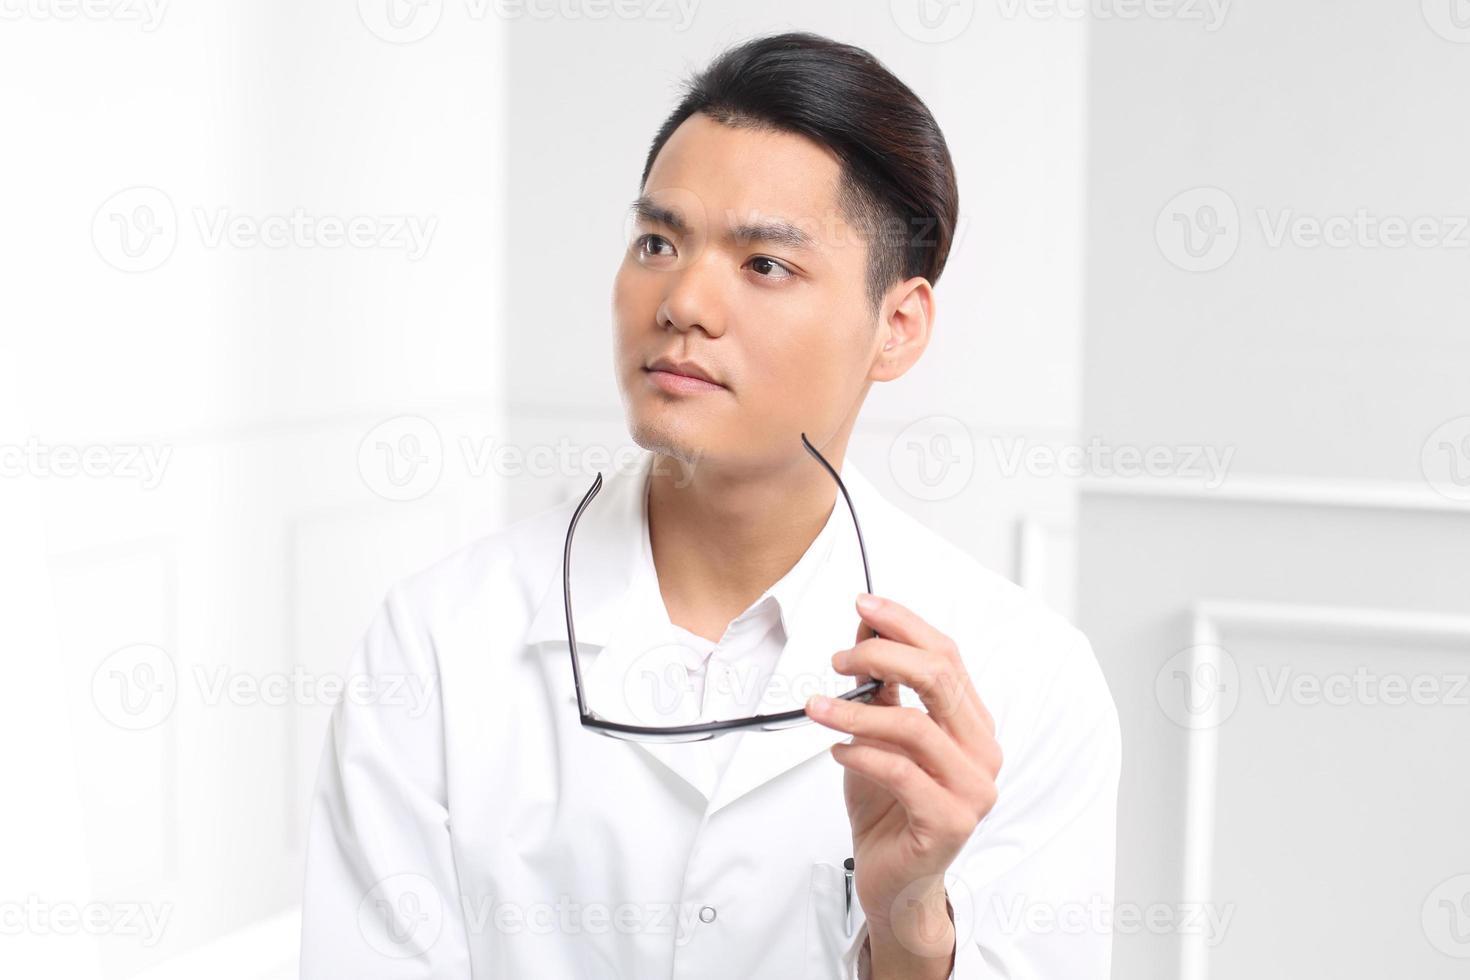 le docteur photo